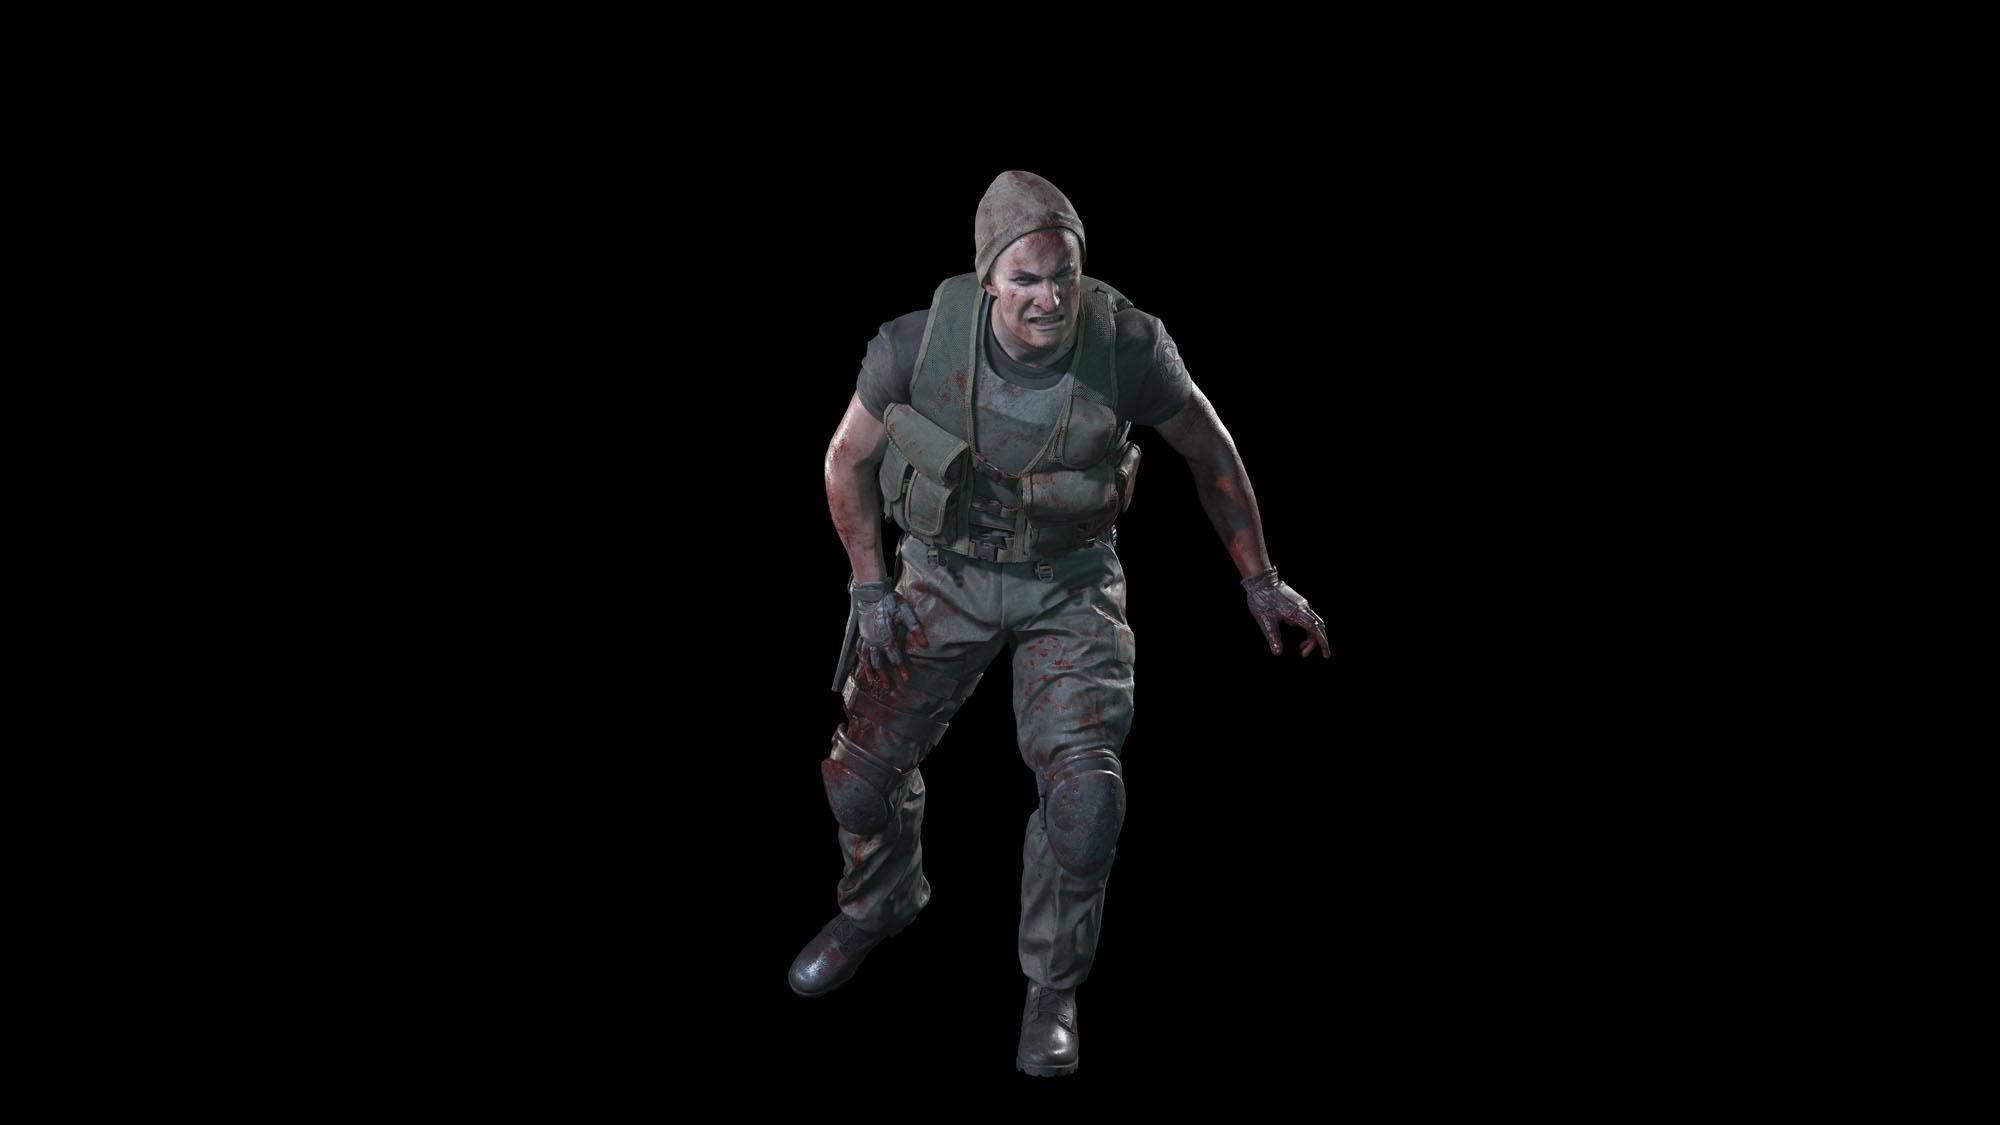 《生化危机3:重制版》新截图 追踪者火箭筒大战吉尔